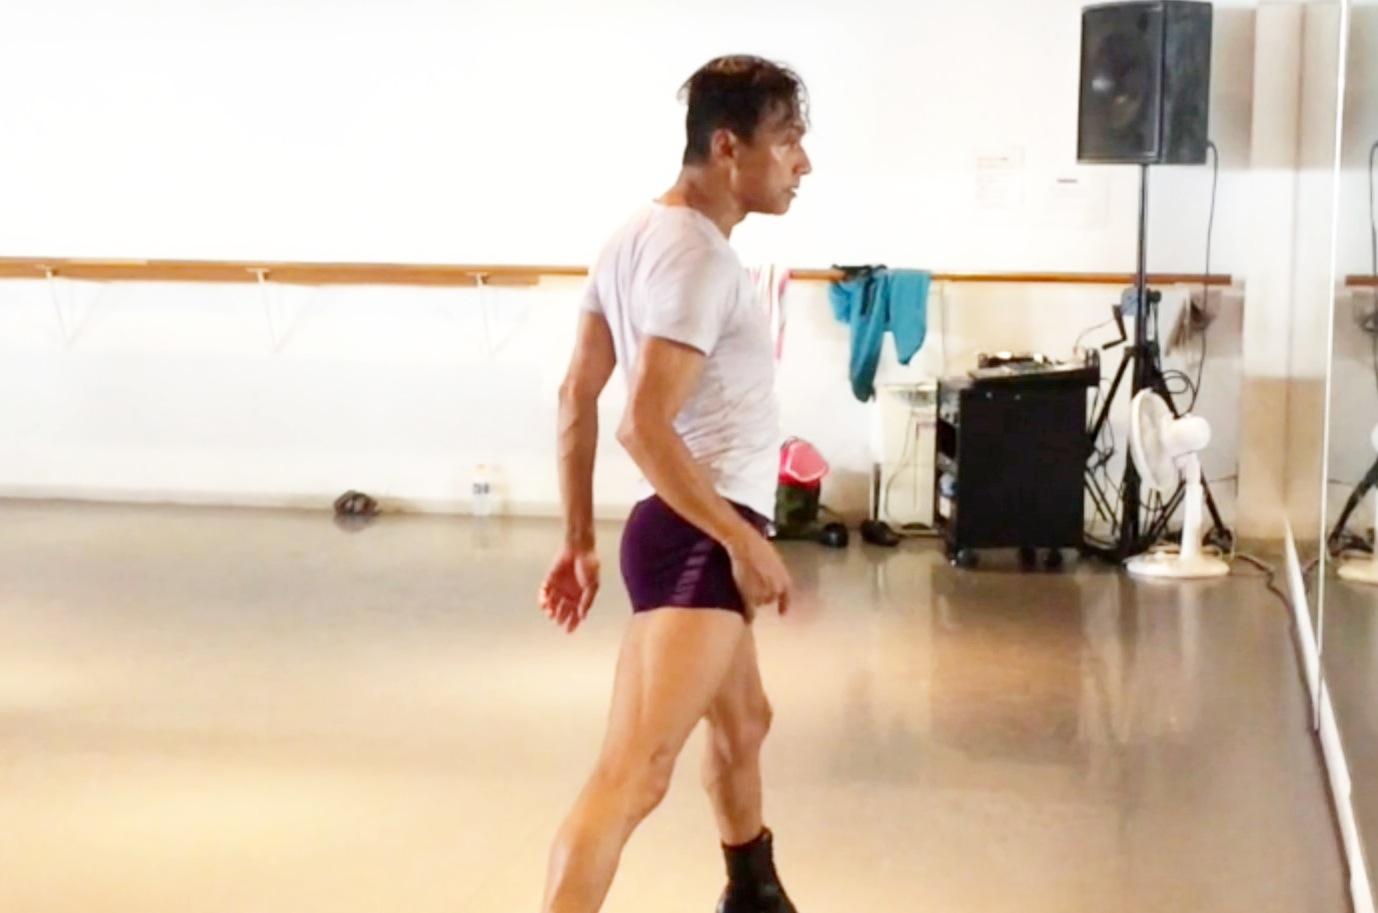 ダンスが上手くなるためには何が必要だと思いますか?